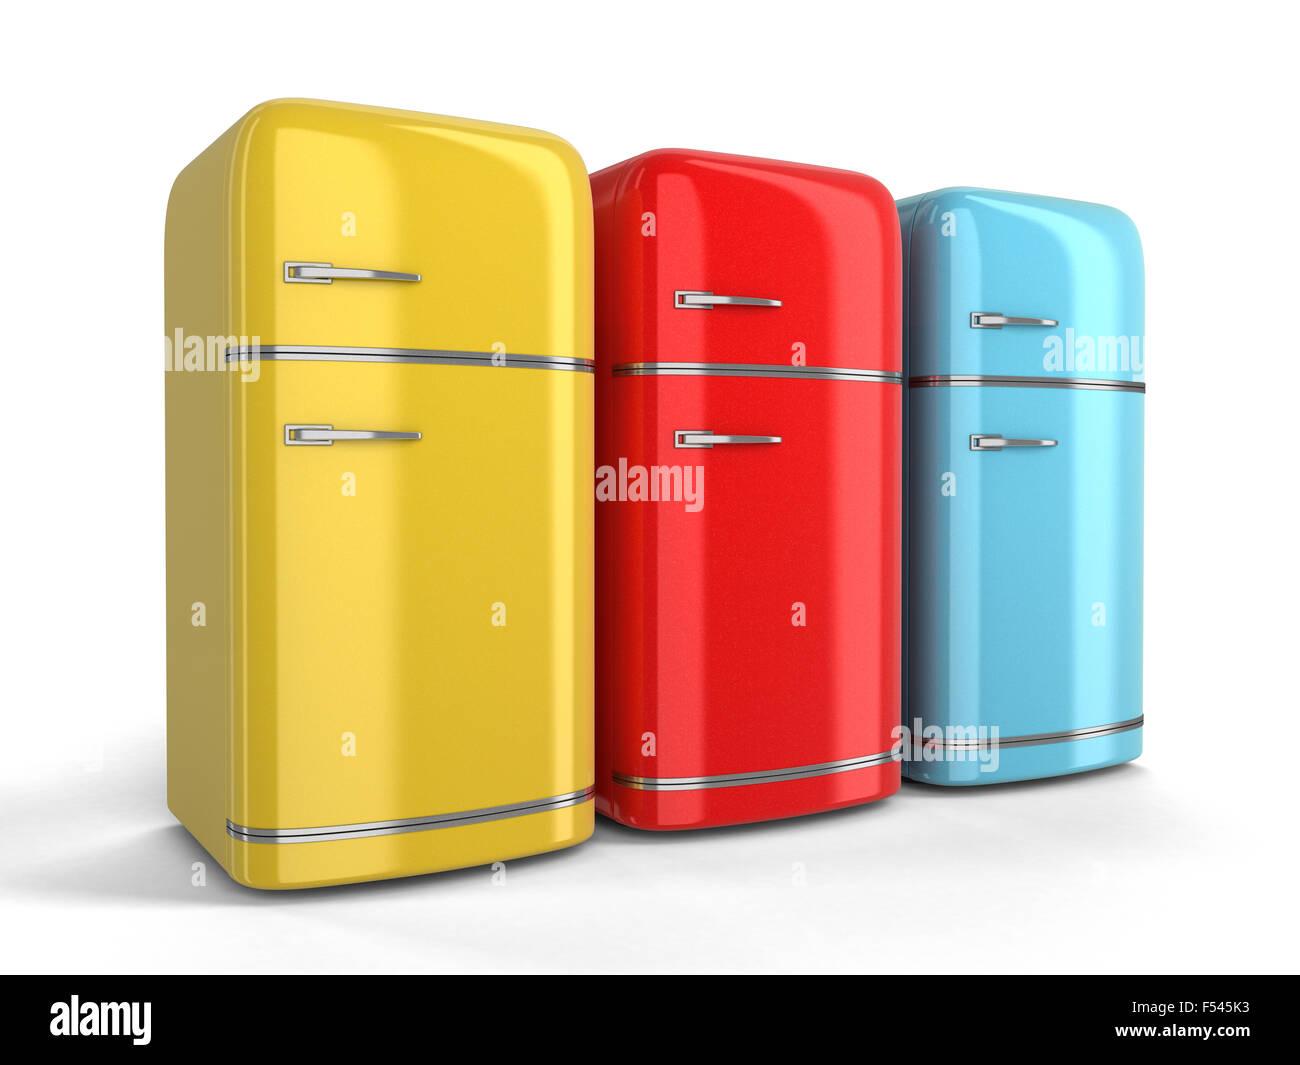 Kühlschrank Usa Retro : Retro kühlschrank usa: flaschenkühlschrank klein neu stylischer